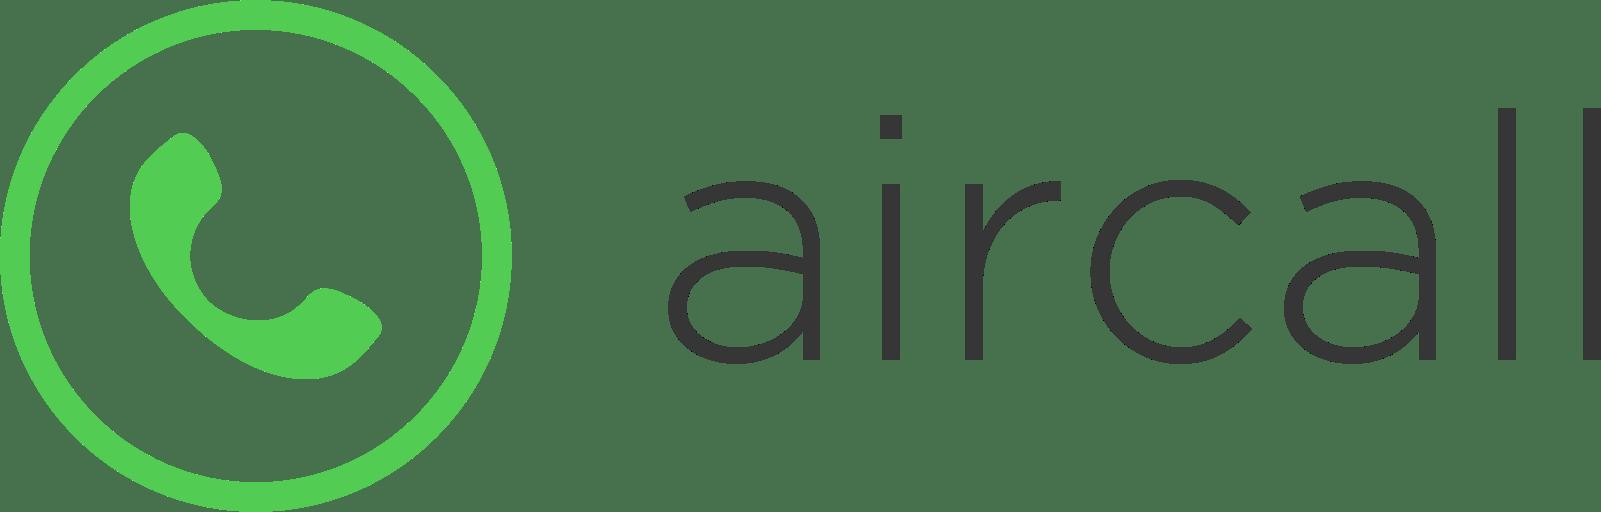 aircall-logo-png.png